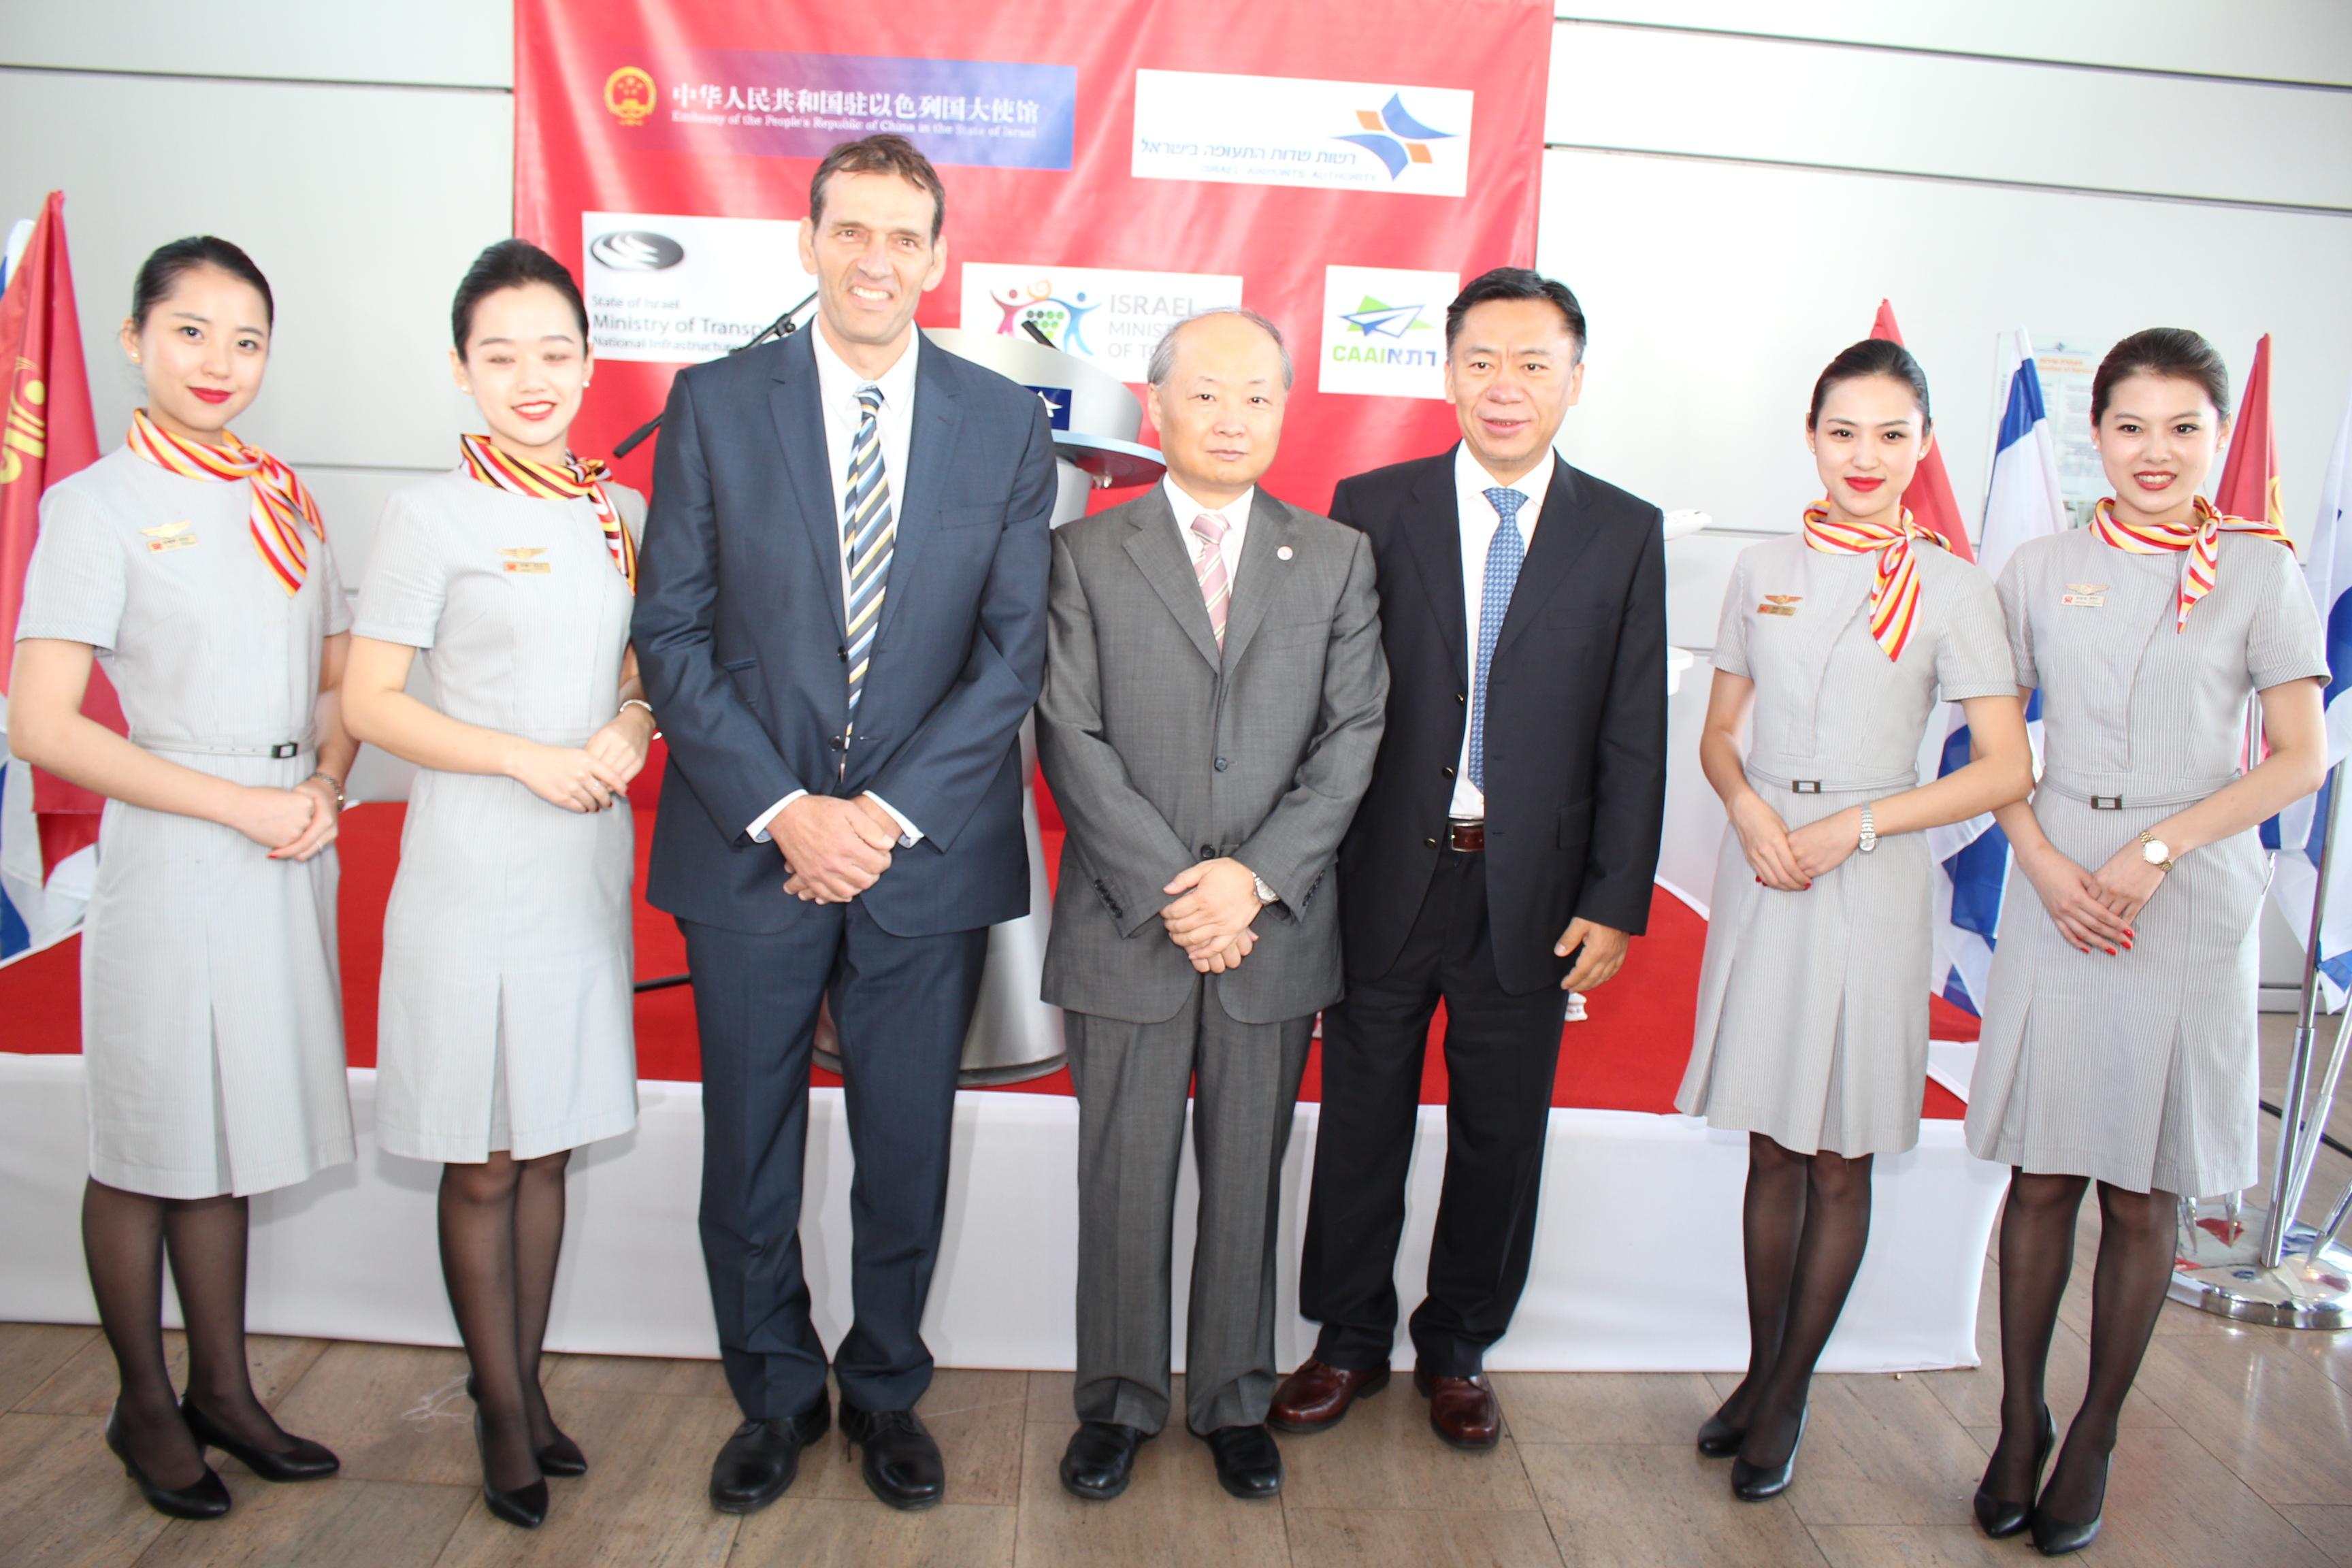 """מימין לשמאל:  שגריר סין בישראל Zhan Yongxin,  סגן נשיא היינאן איירליינס  Hou Wei ומנכ""""ל משרד התיירות אמיר הלוי (צילום: יקי צימרמן)"""